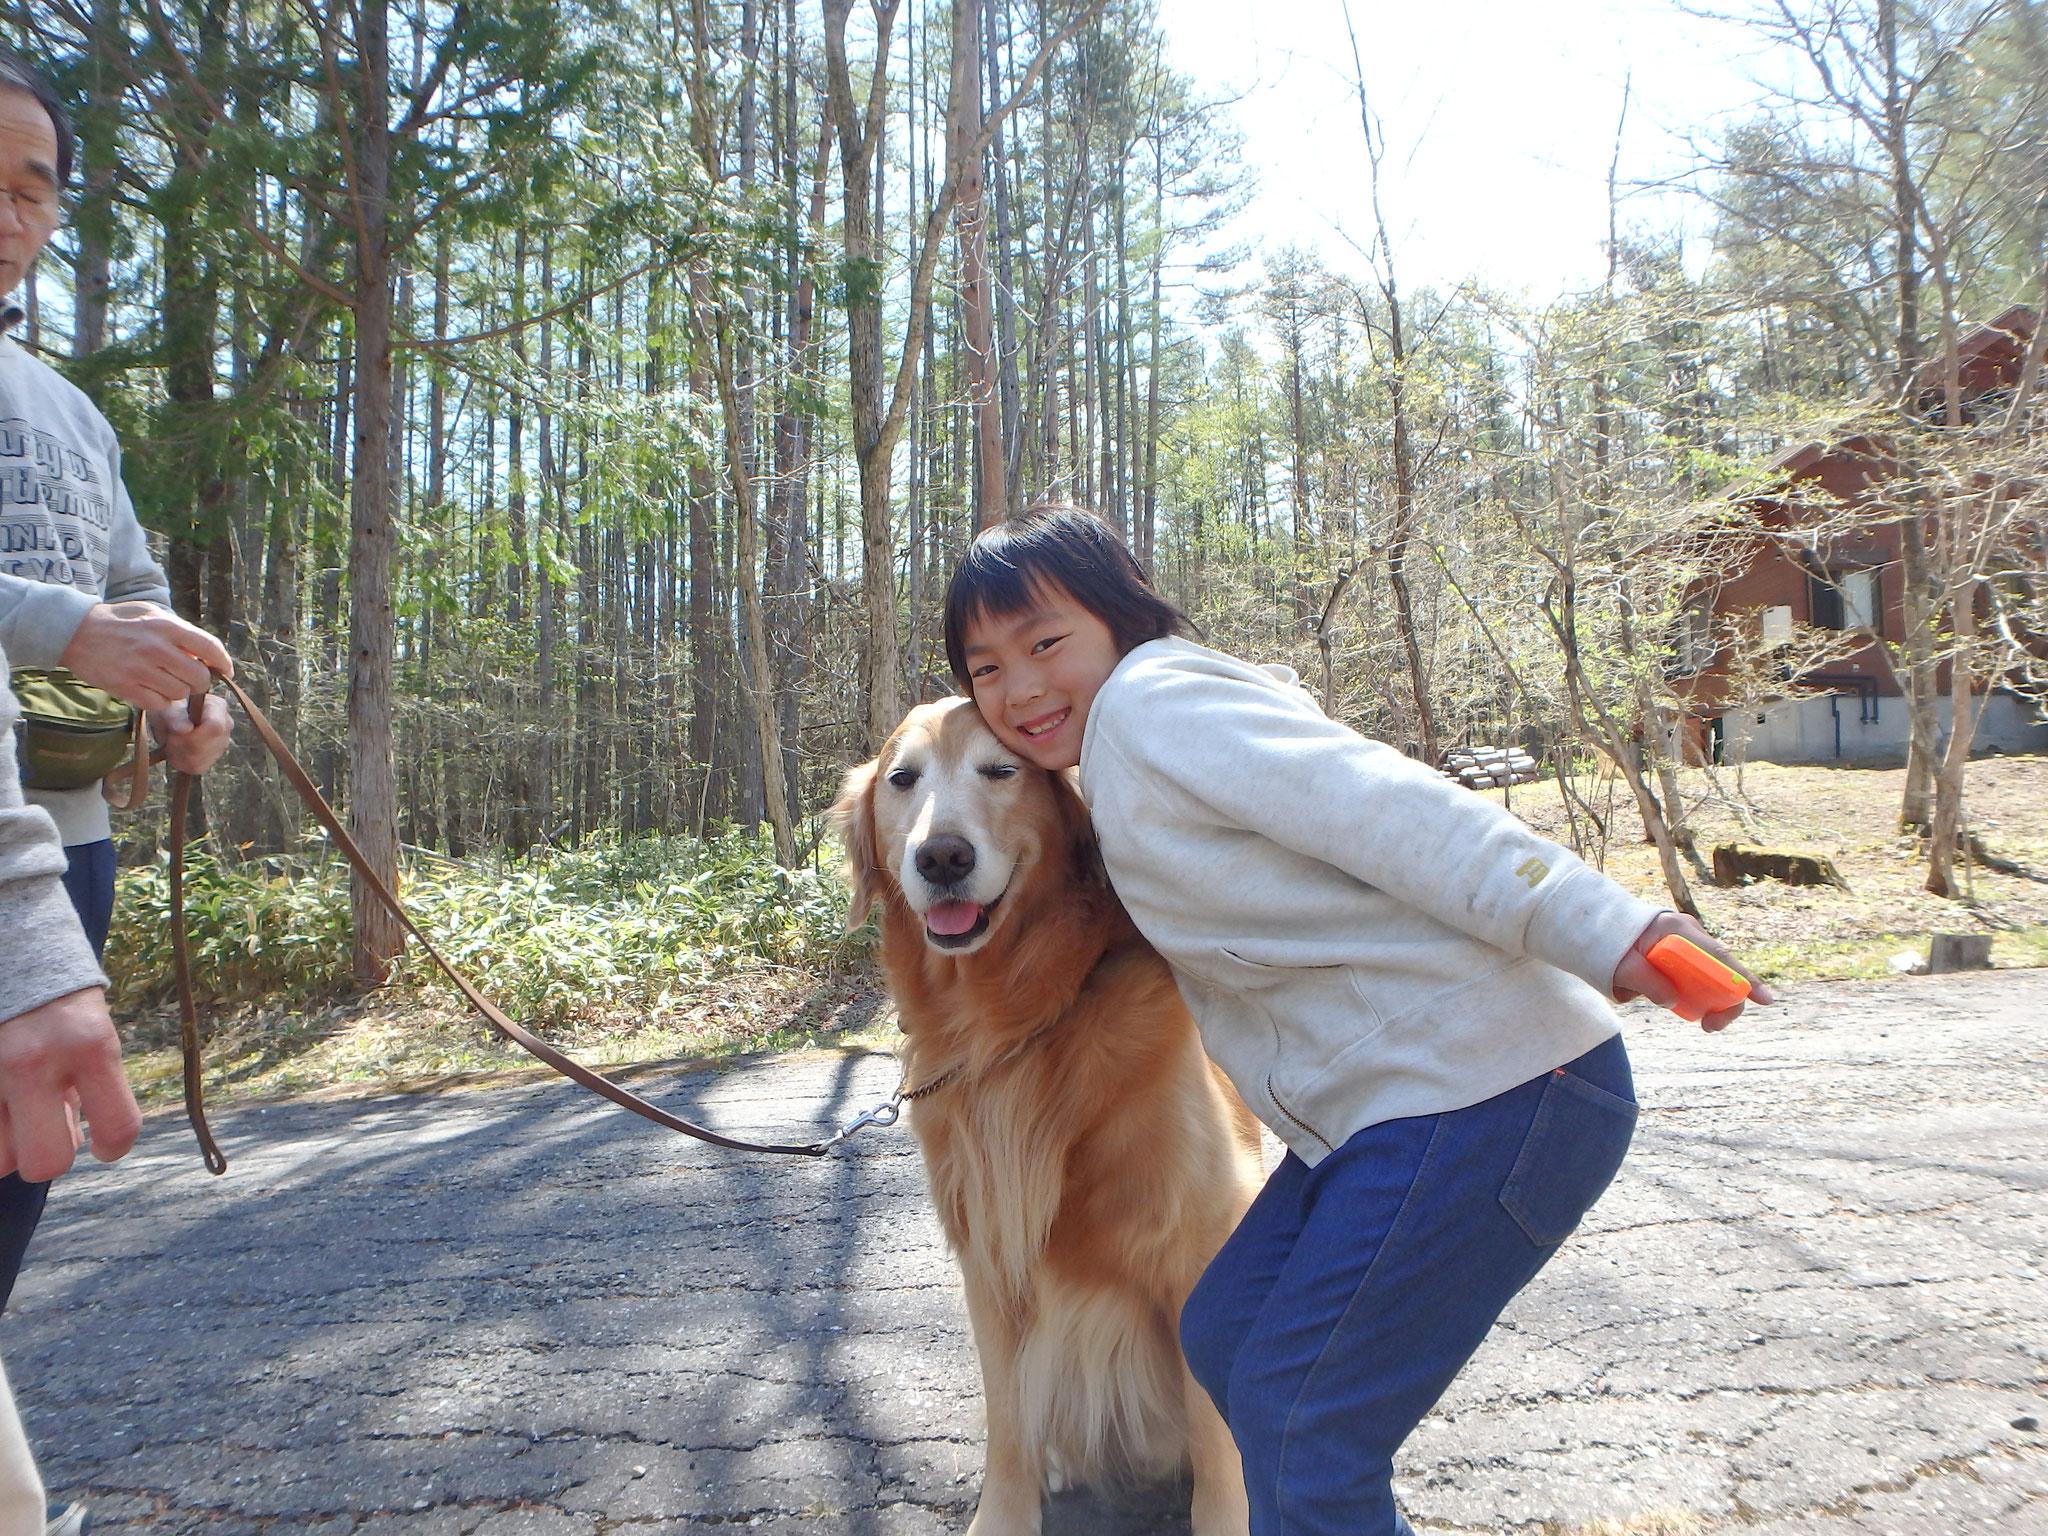 警察犬の訓練も受けたというサーシャ。きみかより賢いんちゃう?と母に茶化され、きみかキレる。(ごめん)